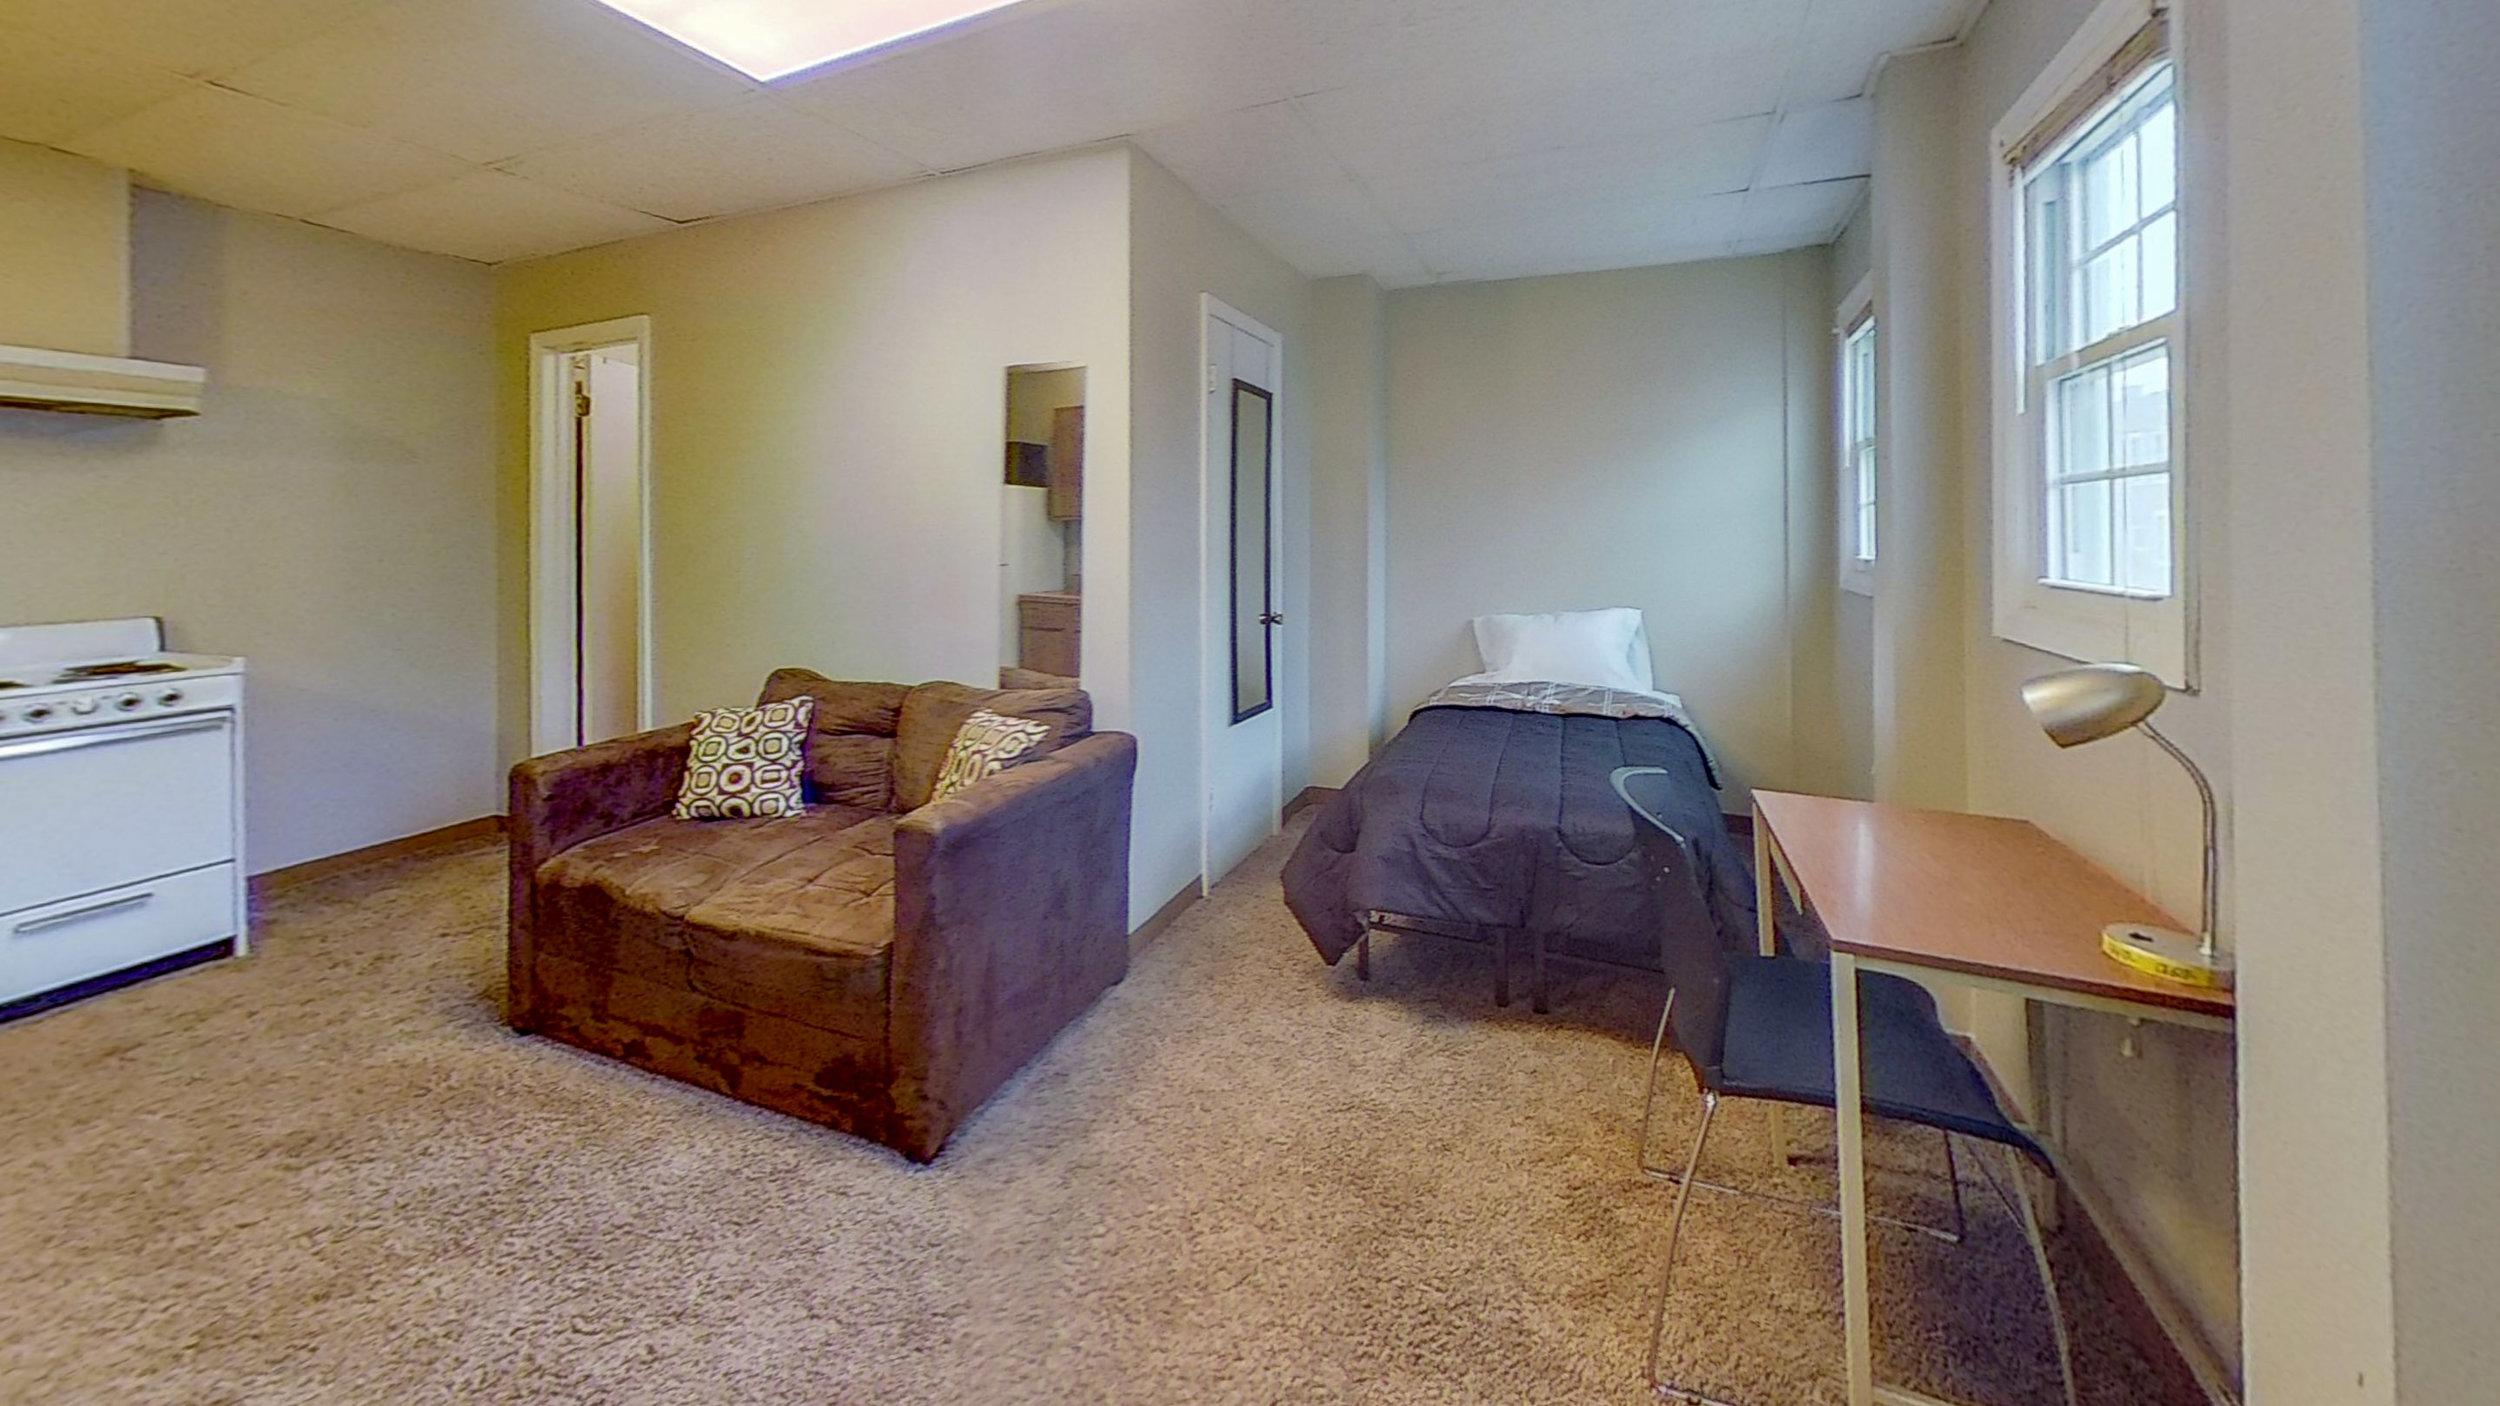 8-2223-14th-1-Bedroom.jpg